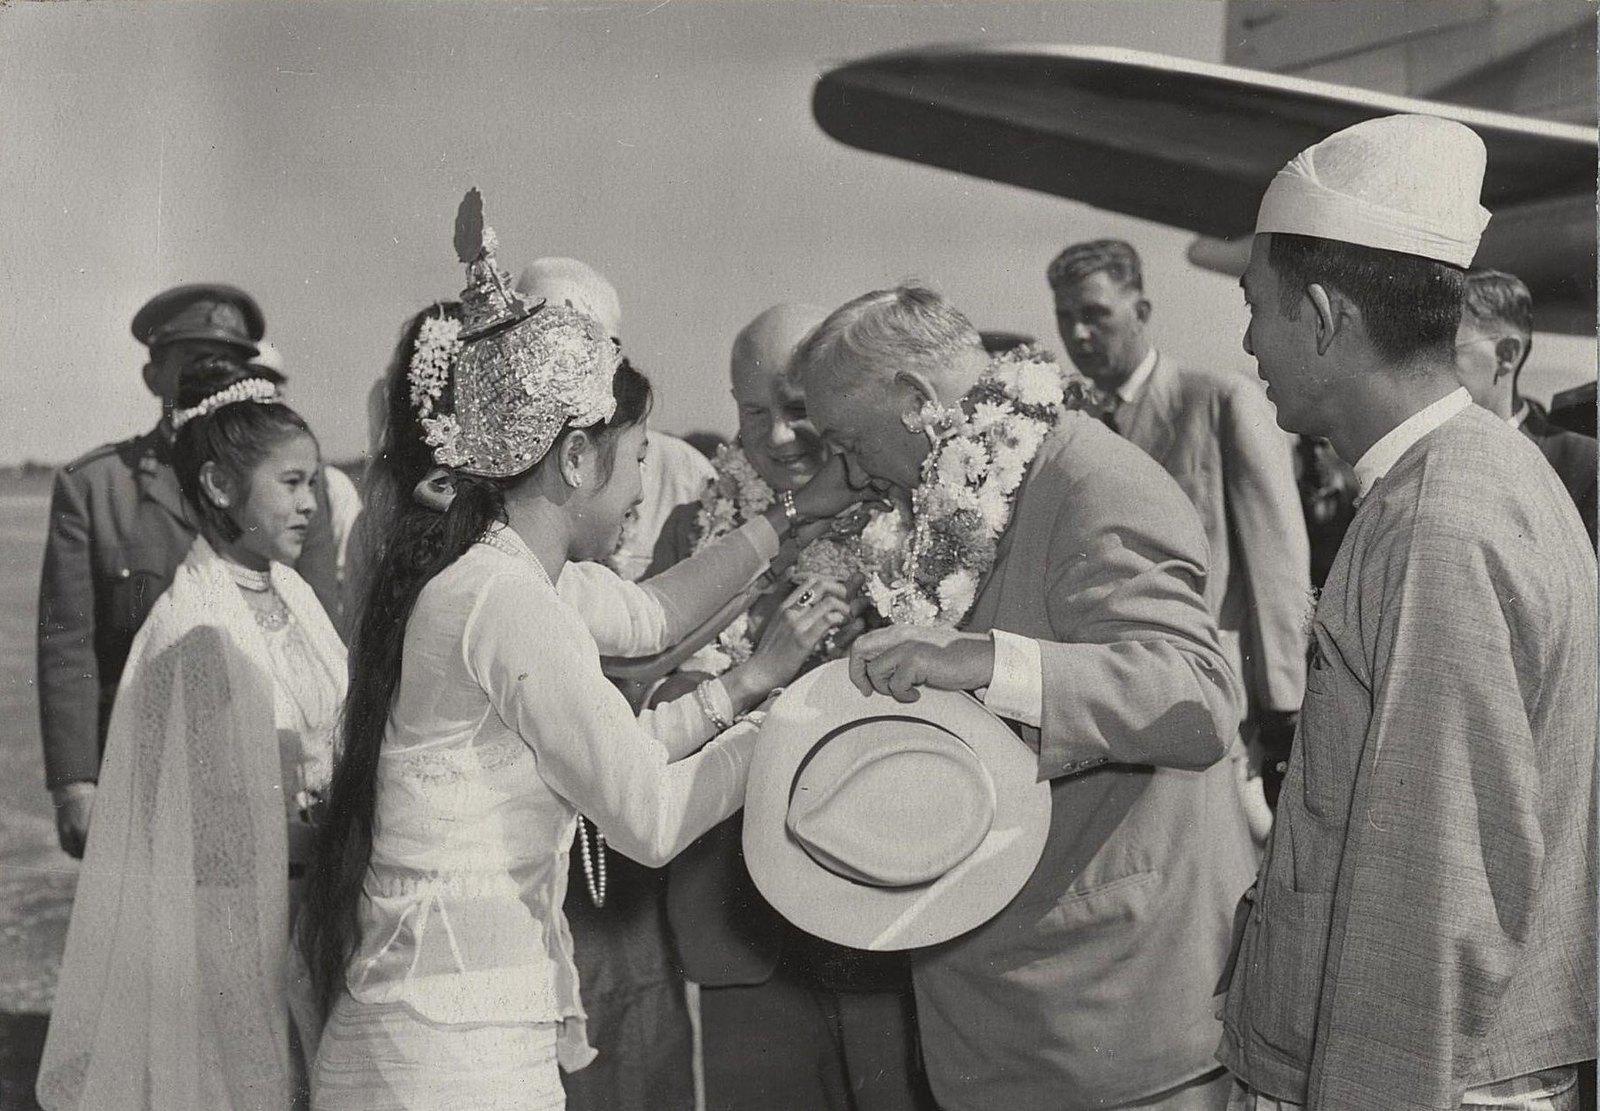 01. Встреча на Рангунском аэродроме. Бирманские девушки в национальных костюмах приветствуют членов советской делегации